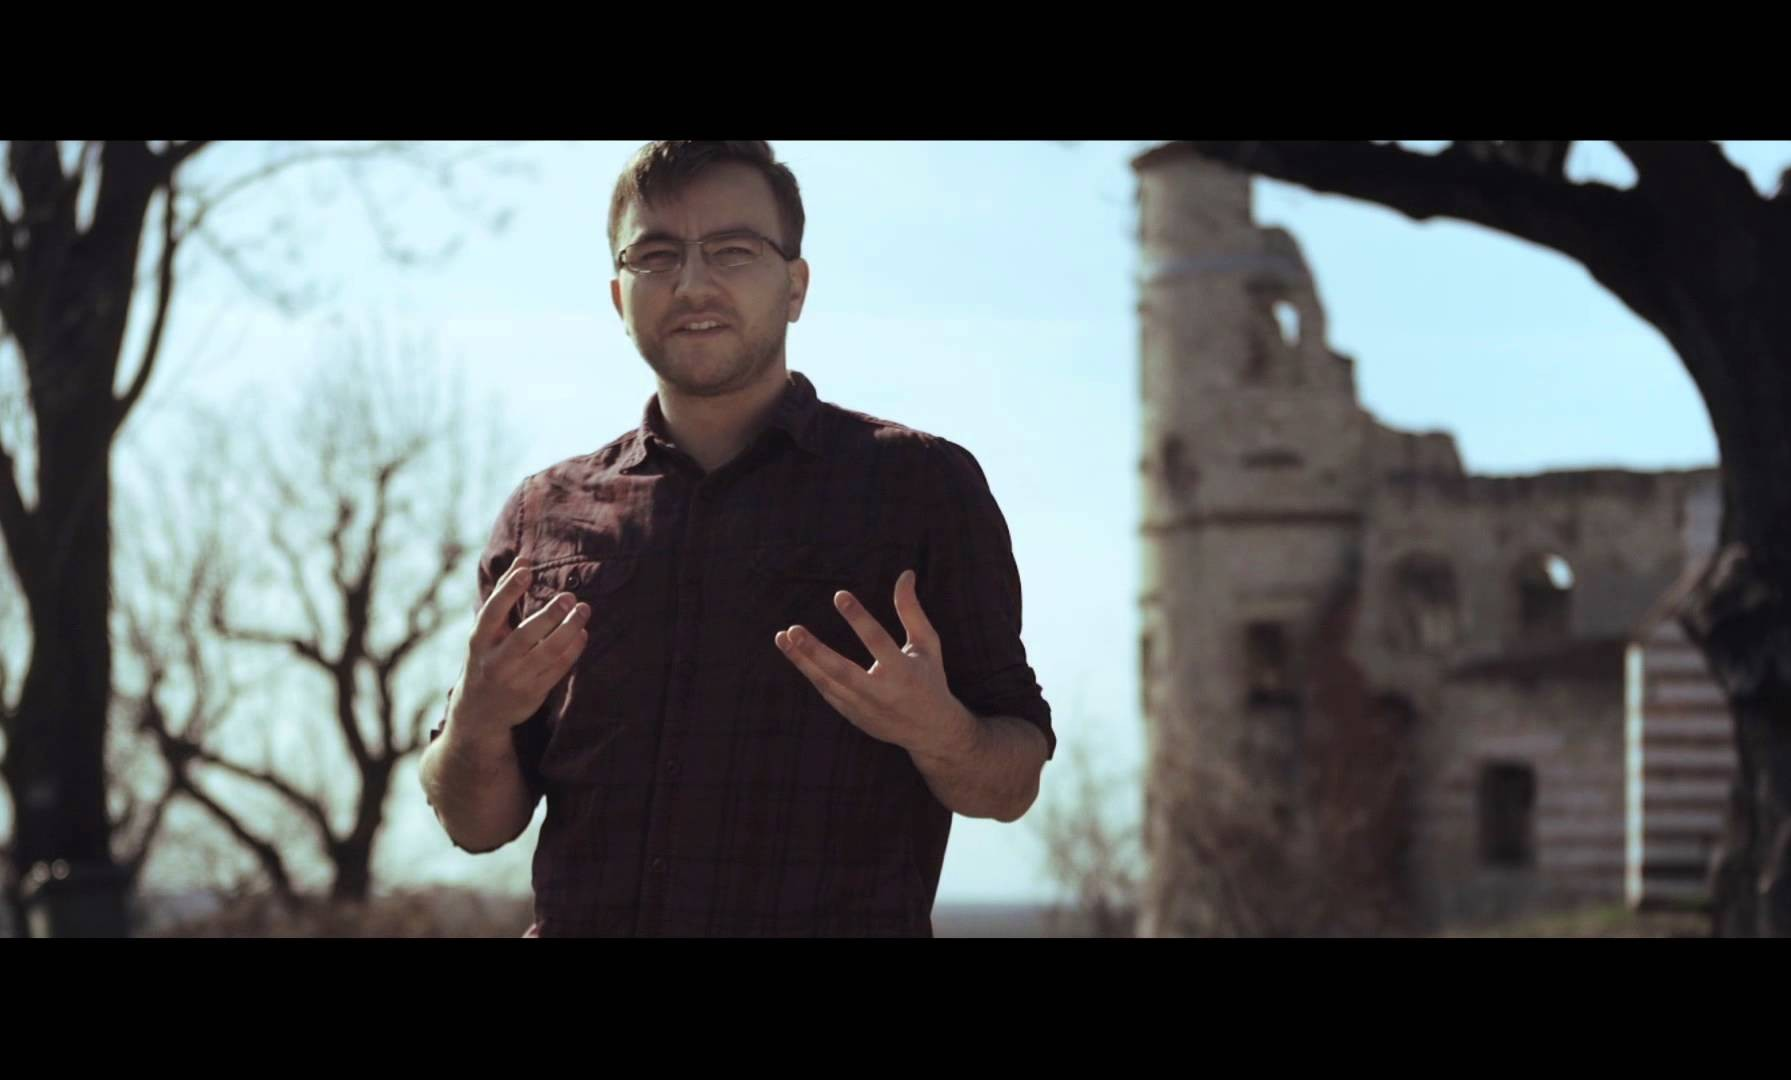 CD PROJEKT RED GUSTÁNDOSE EN EL SIGUIENTE VÍDEO DE THE WITCHER 3